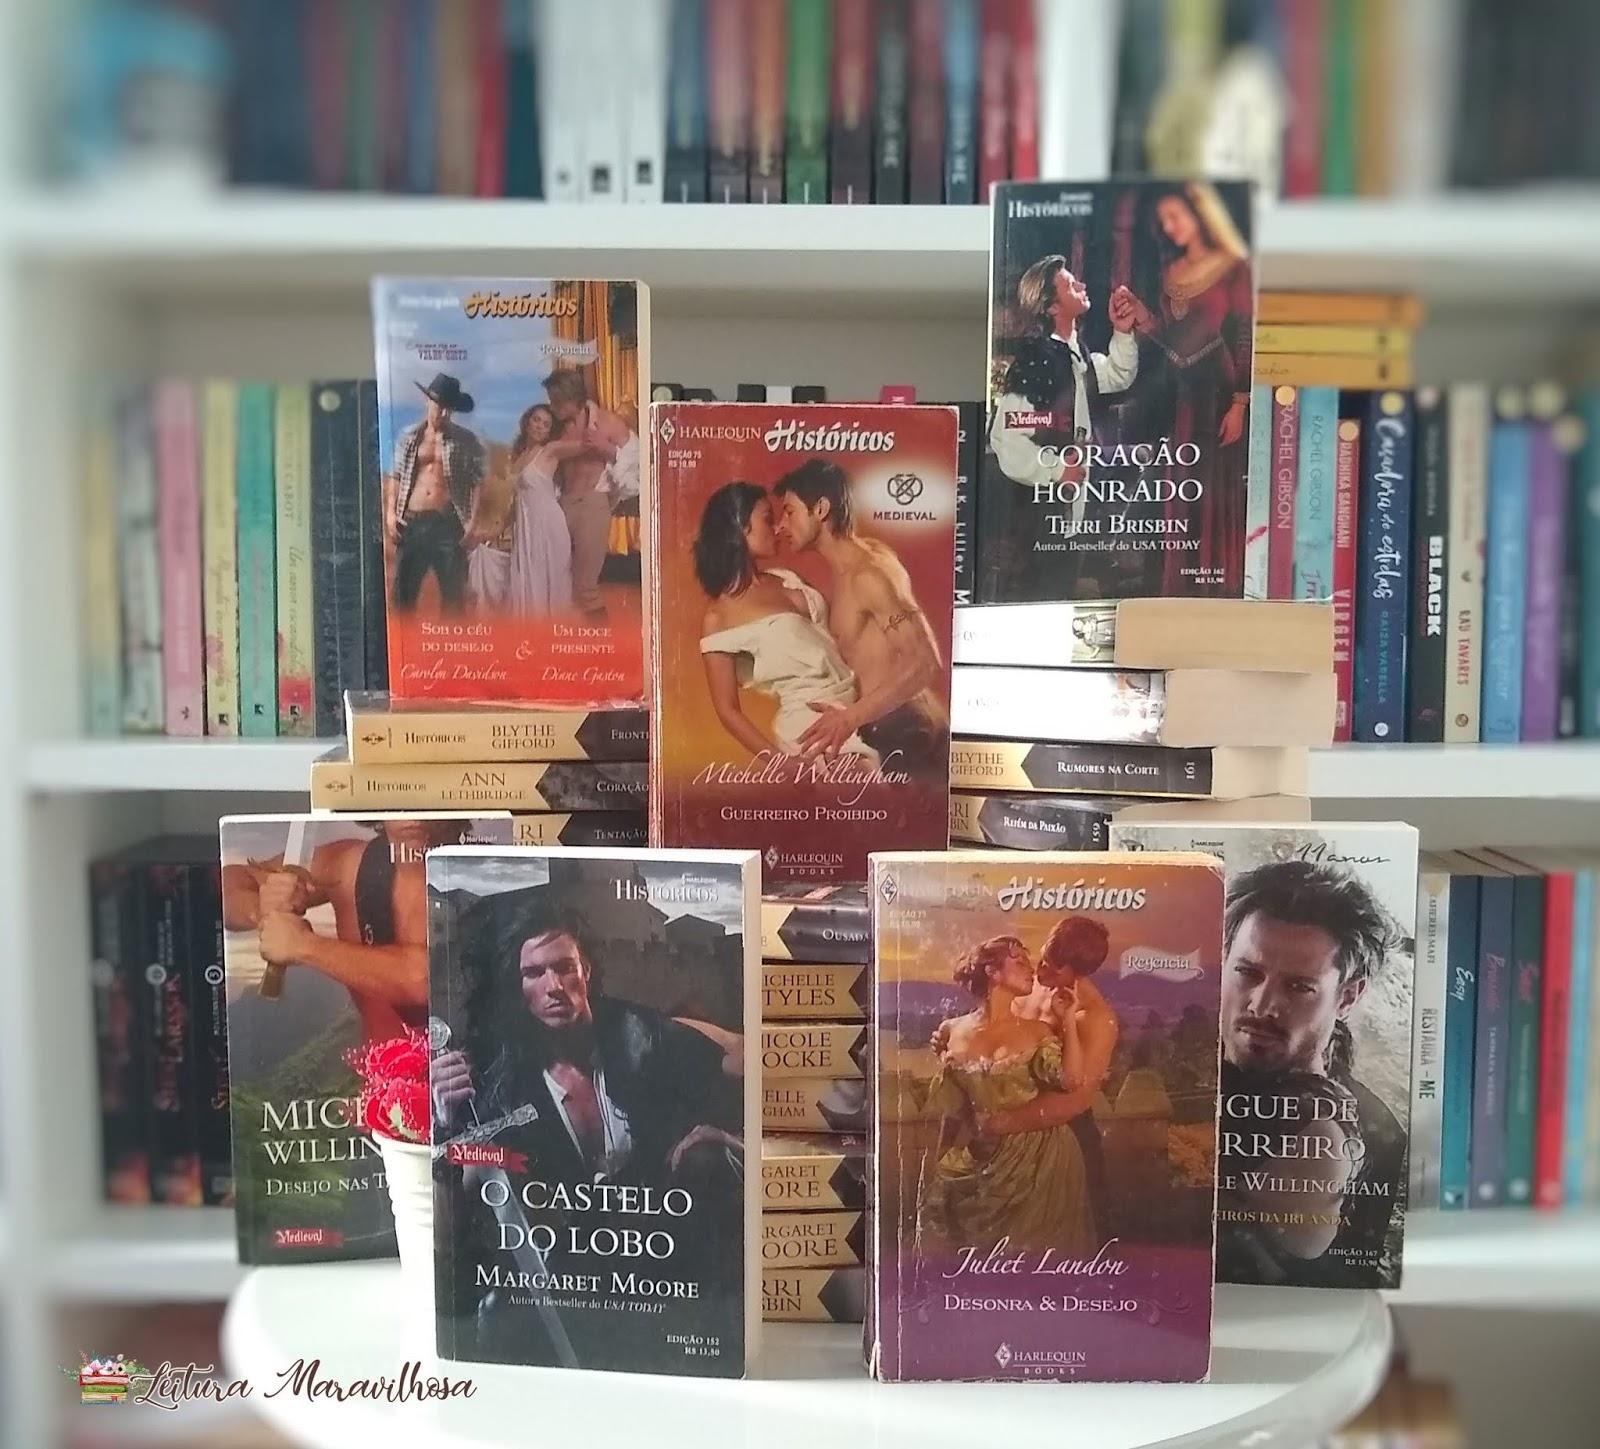 ROMANCES HISTÓRICOS] Harlequin em E-book na Amazon - Leitura Maravilhosa